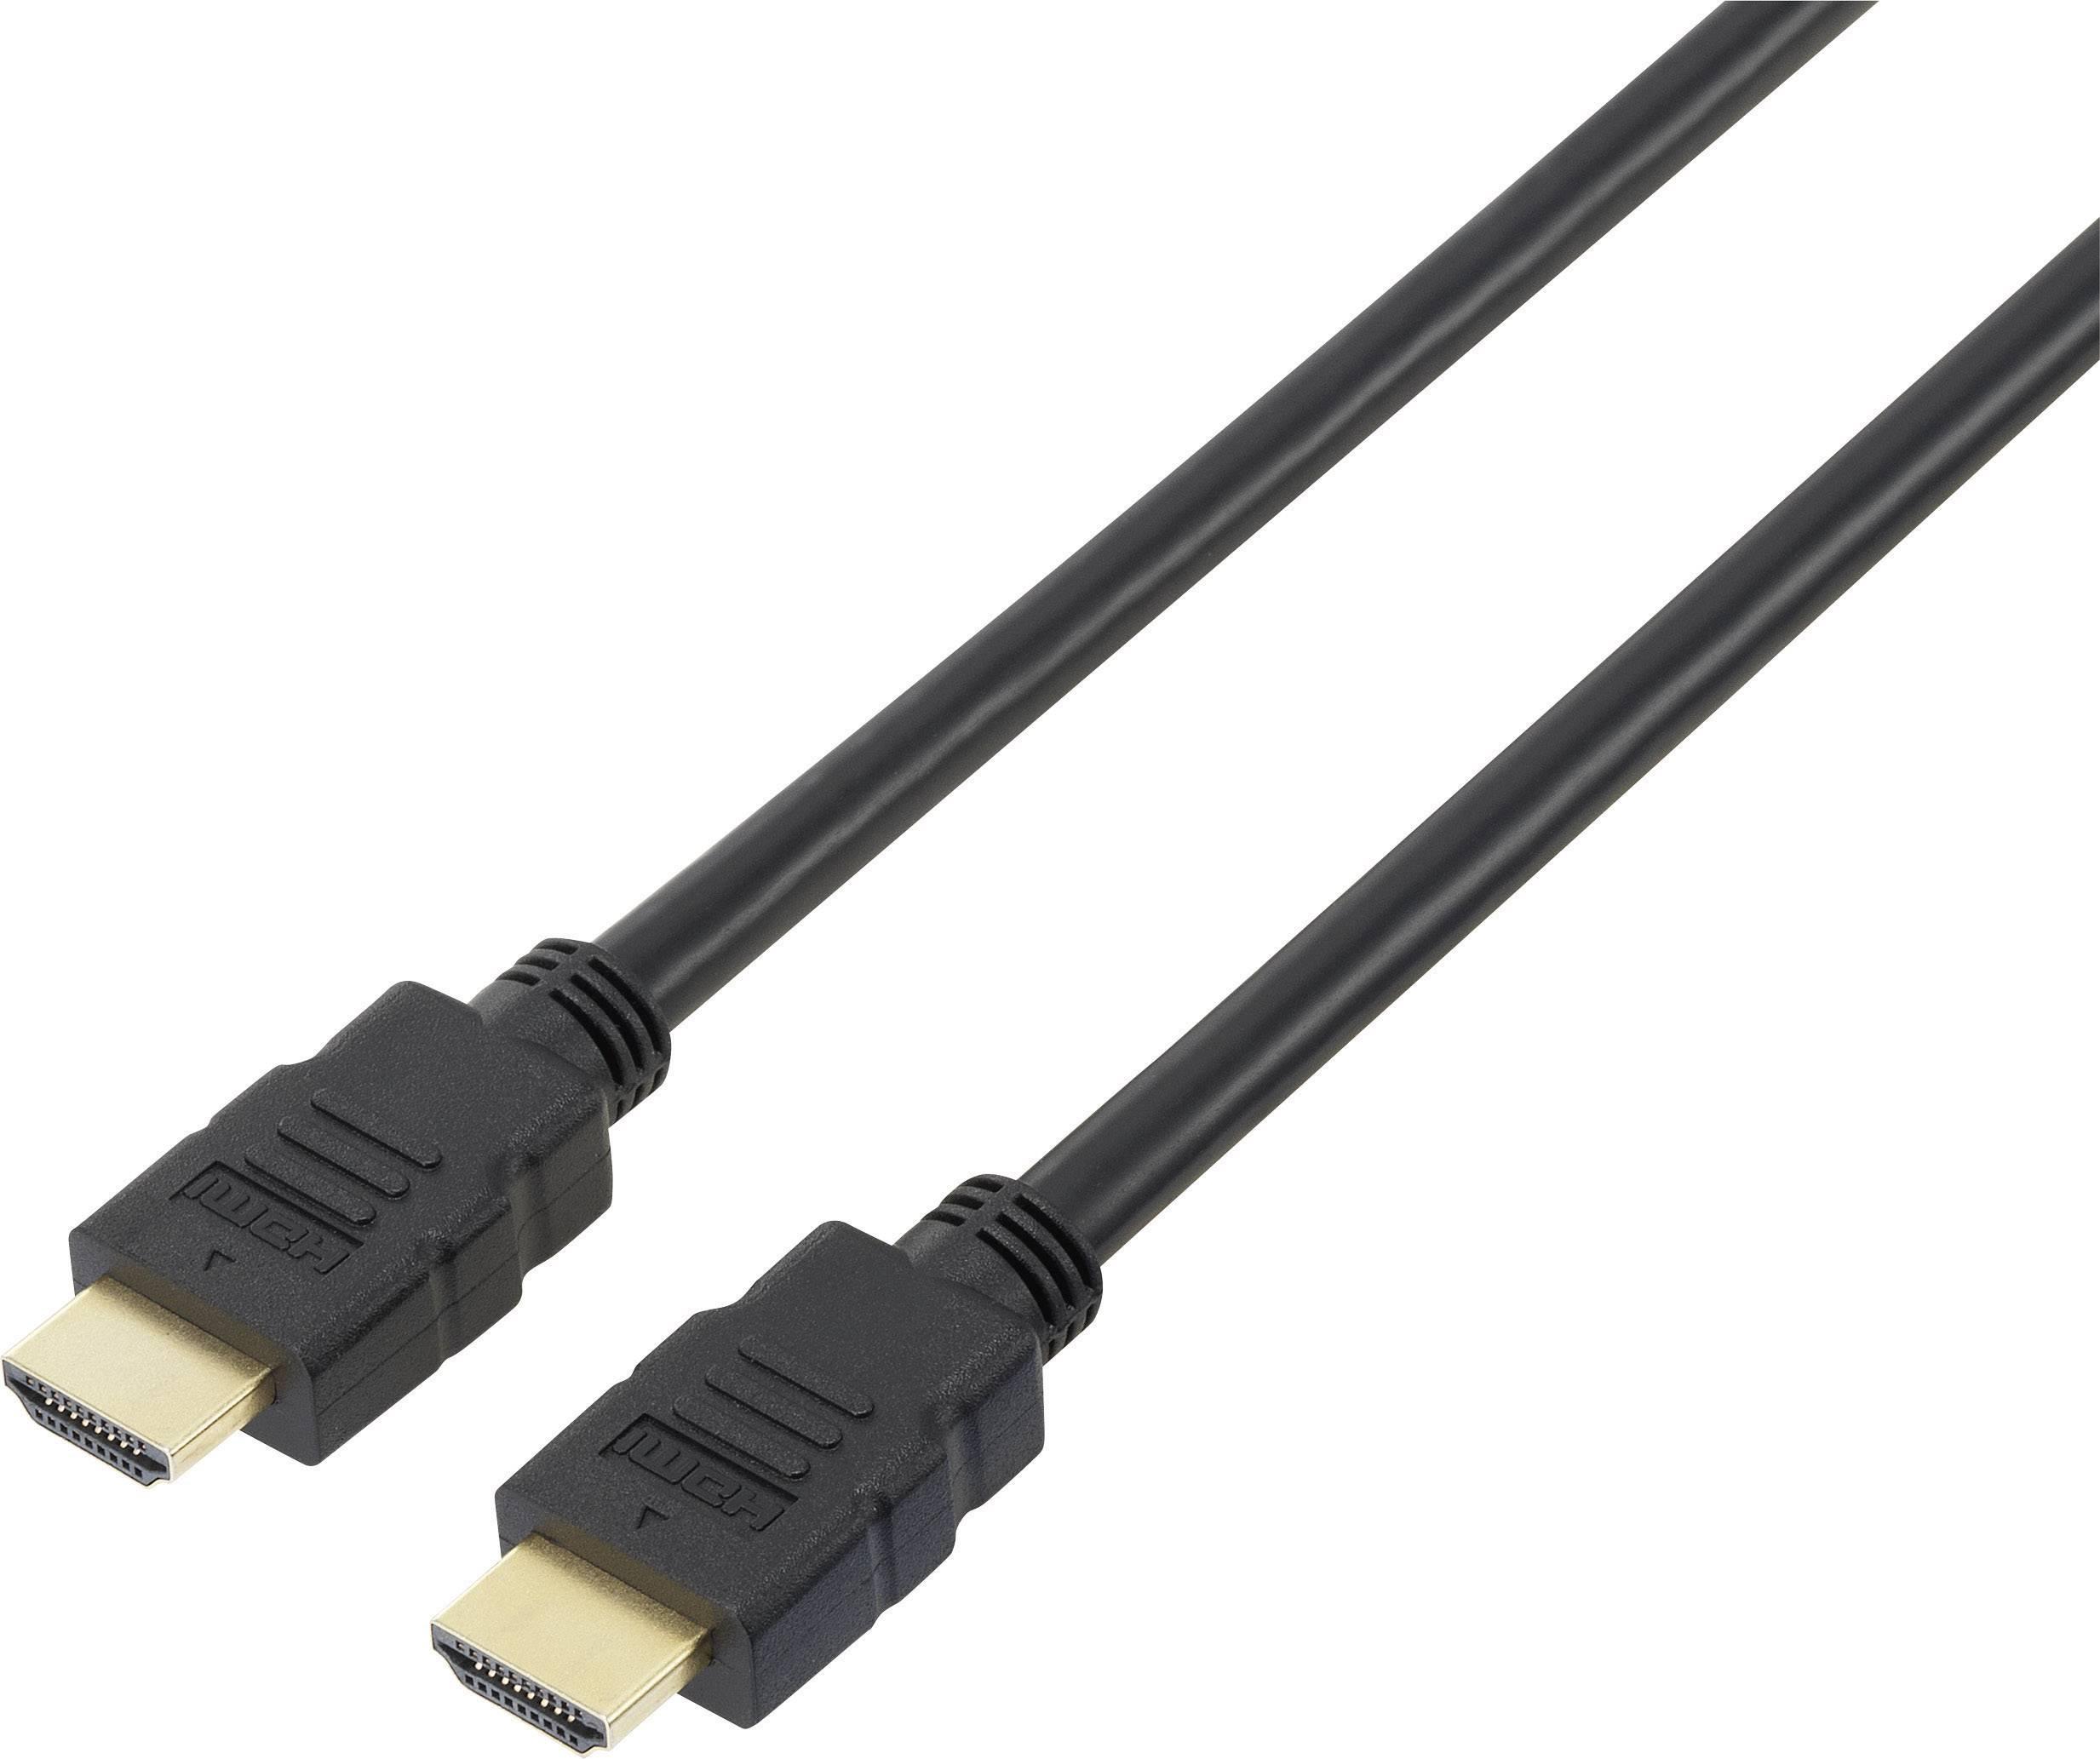 Připojovací HDMI kabel SpeaKa Professional s Ethernetem, zástrčka/zástrčka, 15 m